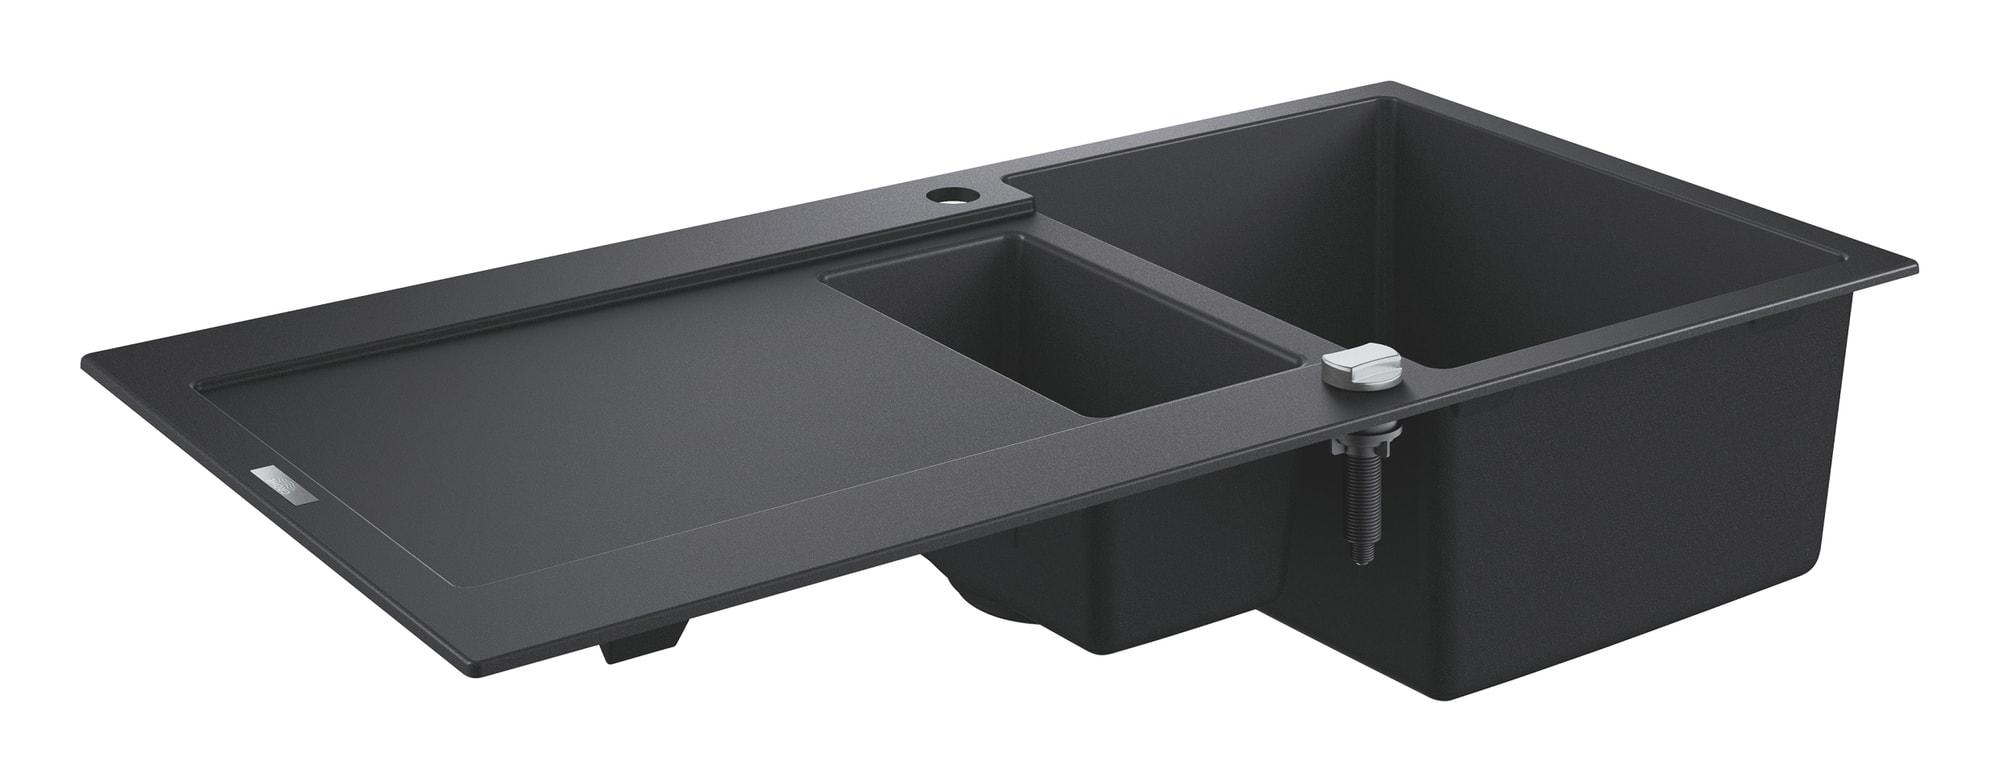 Zlewozmywak kompozytowy Grohe K500 z ociekaczem 100x50 1,5-komory 31646AP0